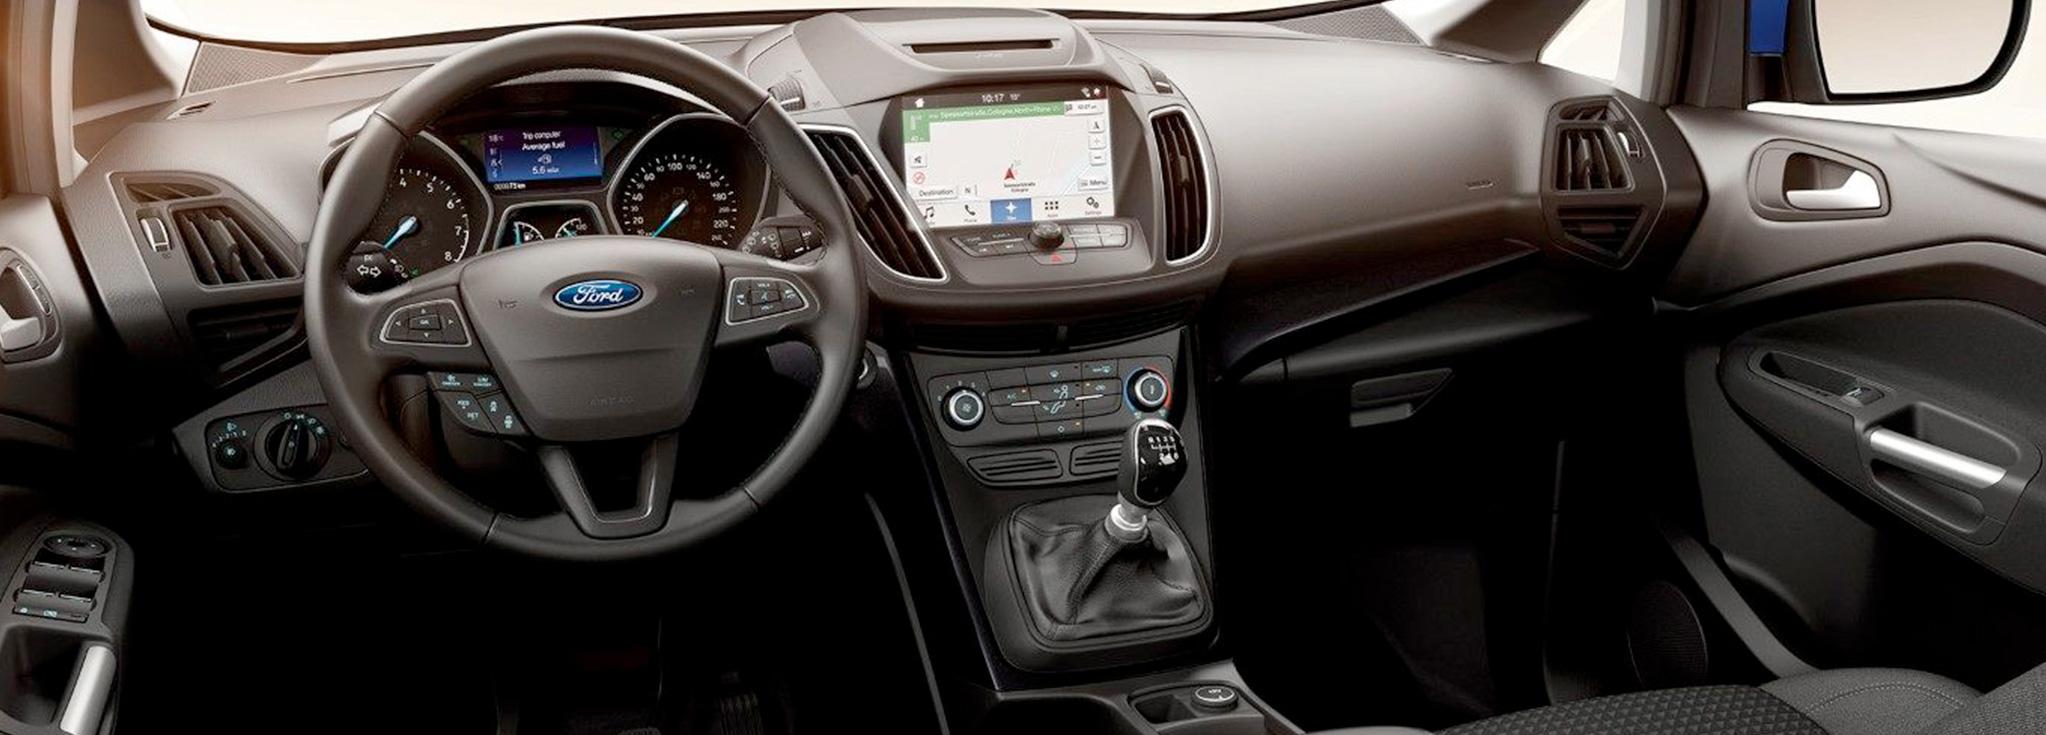 Consola Interior del ford c max